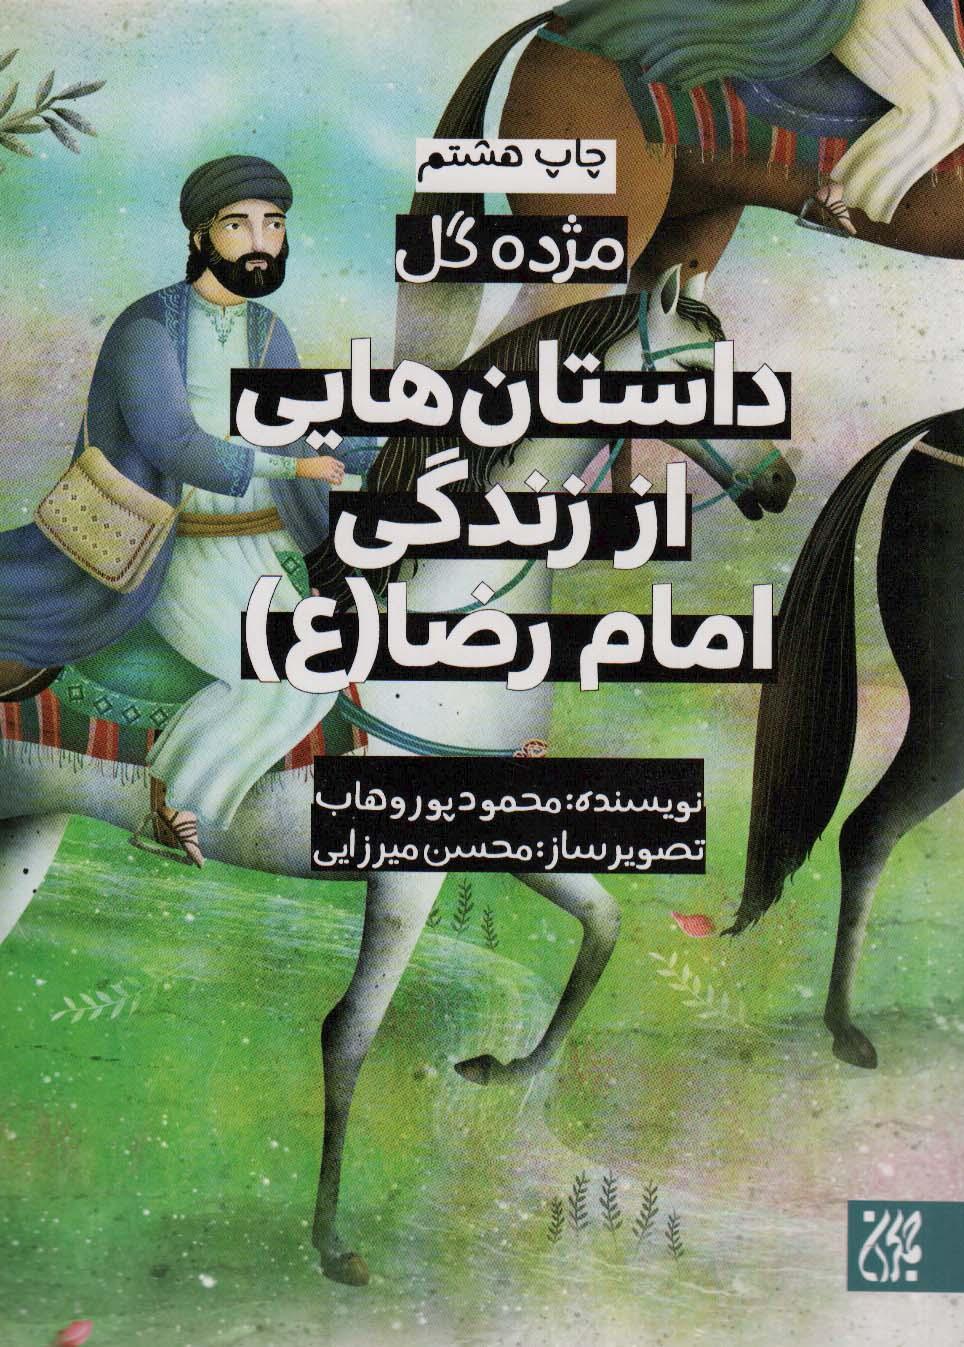 داستان هایی از زندگی امام رضا (ع)،(مژده گل)،(گلاسه)